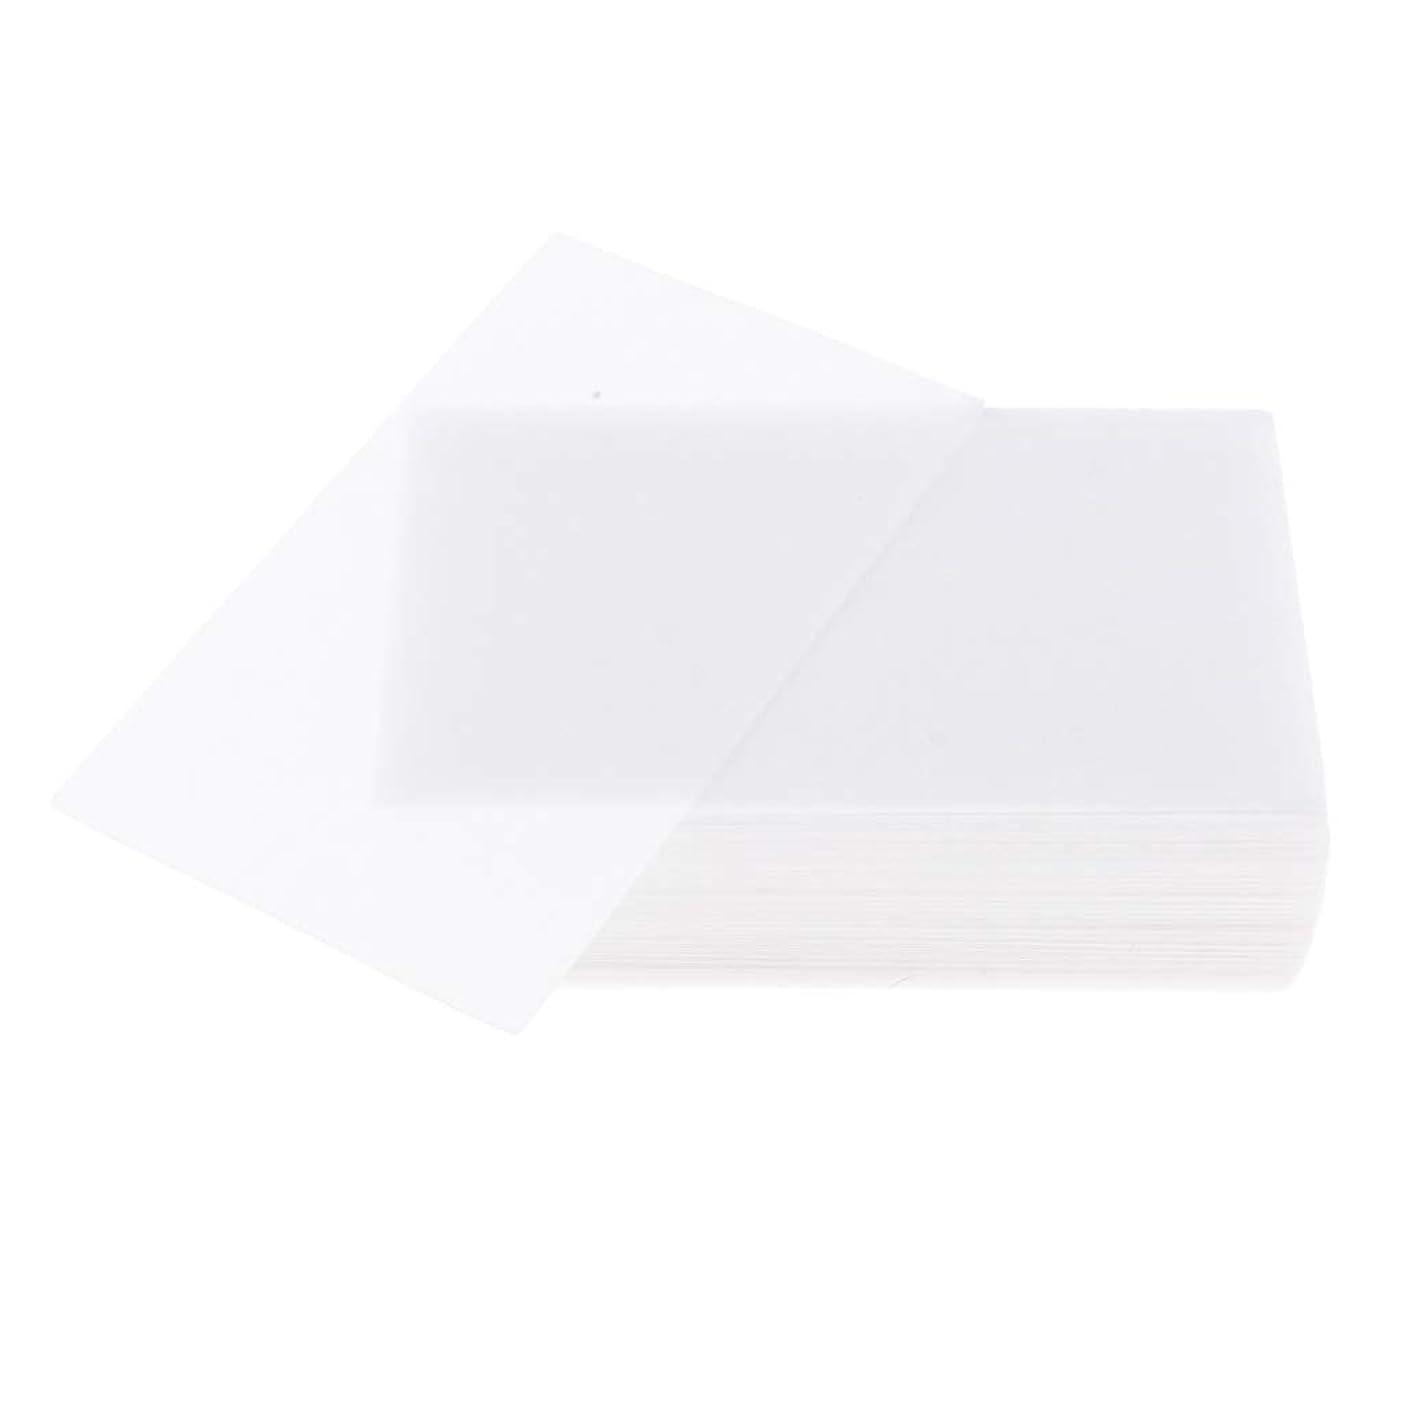 報告書結び目塗抹CUTICATE パーマ紙 ヘアパーマペーパー 通気性 ヘアケア ヘアスタイリン ホワイト 約120枚セット